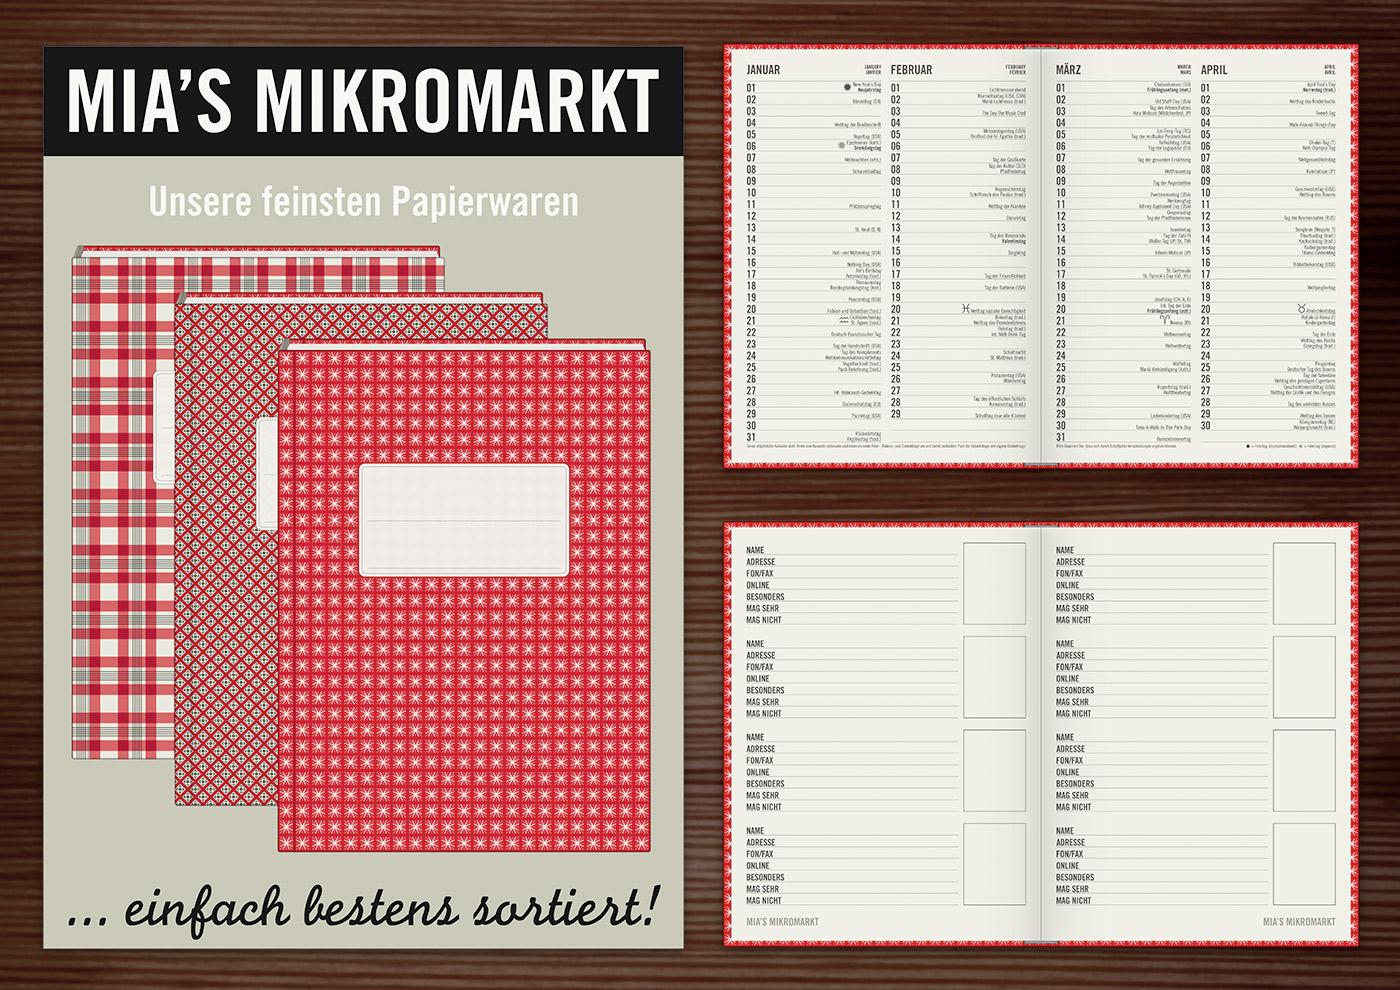 Papeterie mit Notizbüchern und Papierwaren von Lily Lux Mia's Mikromarkt